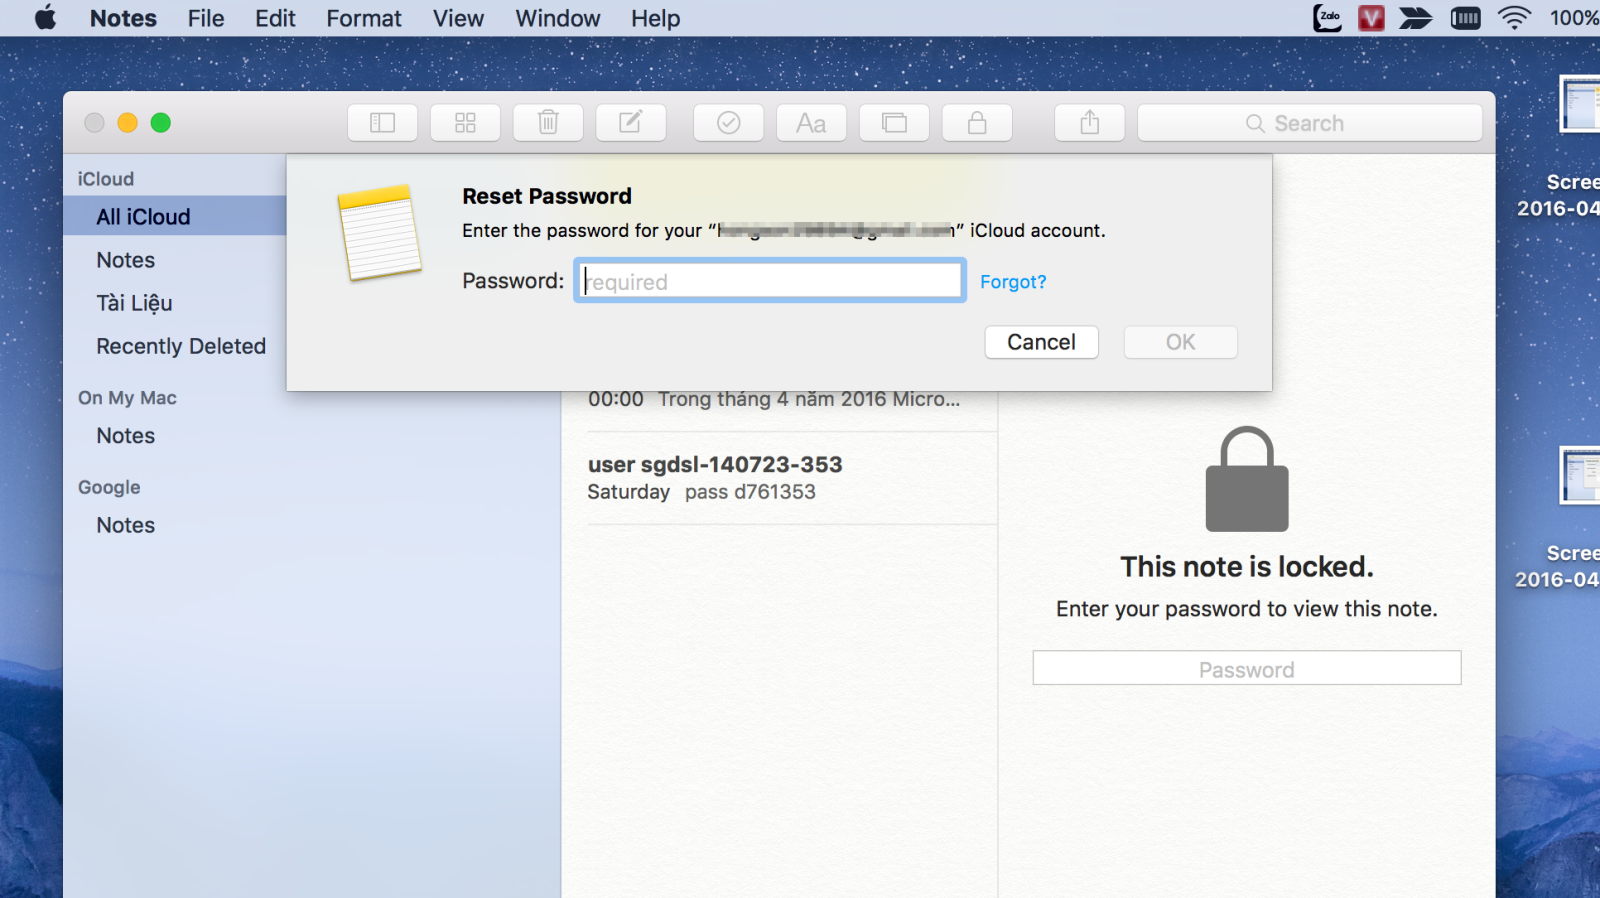 Hướng dẫn tạo mật khẩu ghi chú trên máy Mac